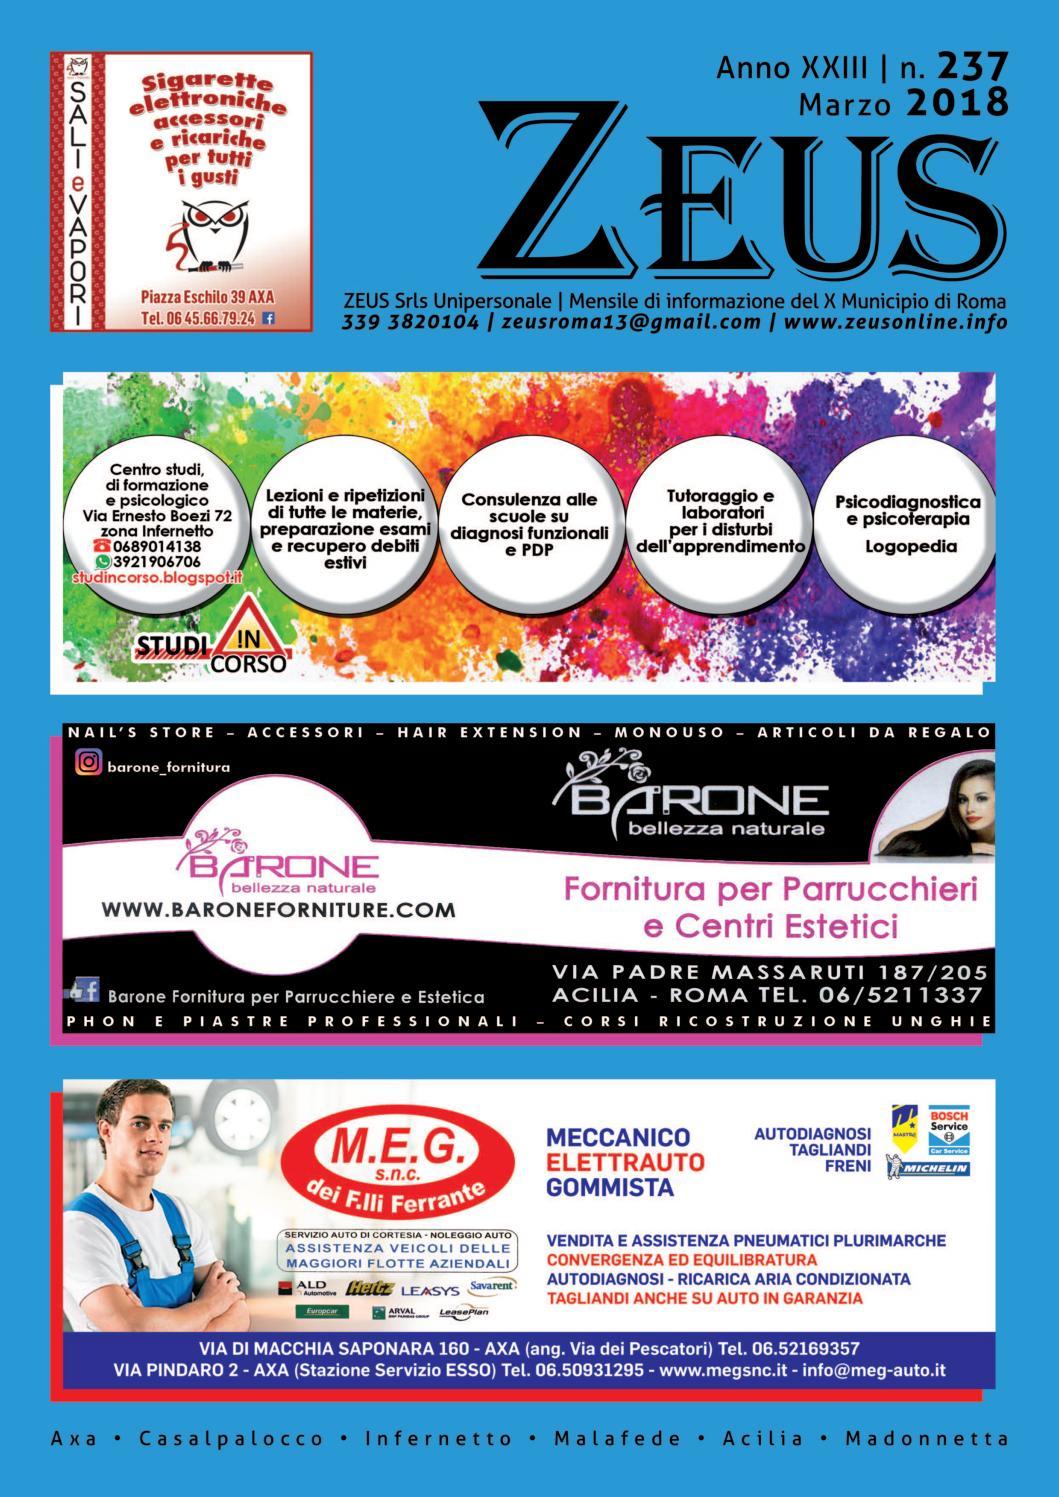 Agenzia di incontri Zeus